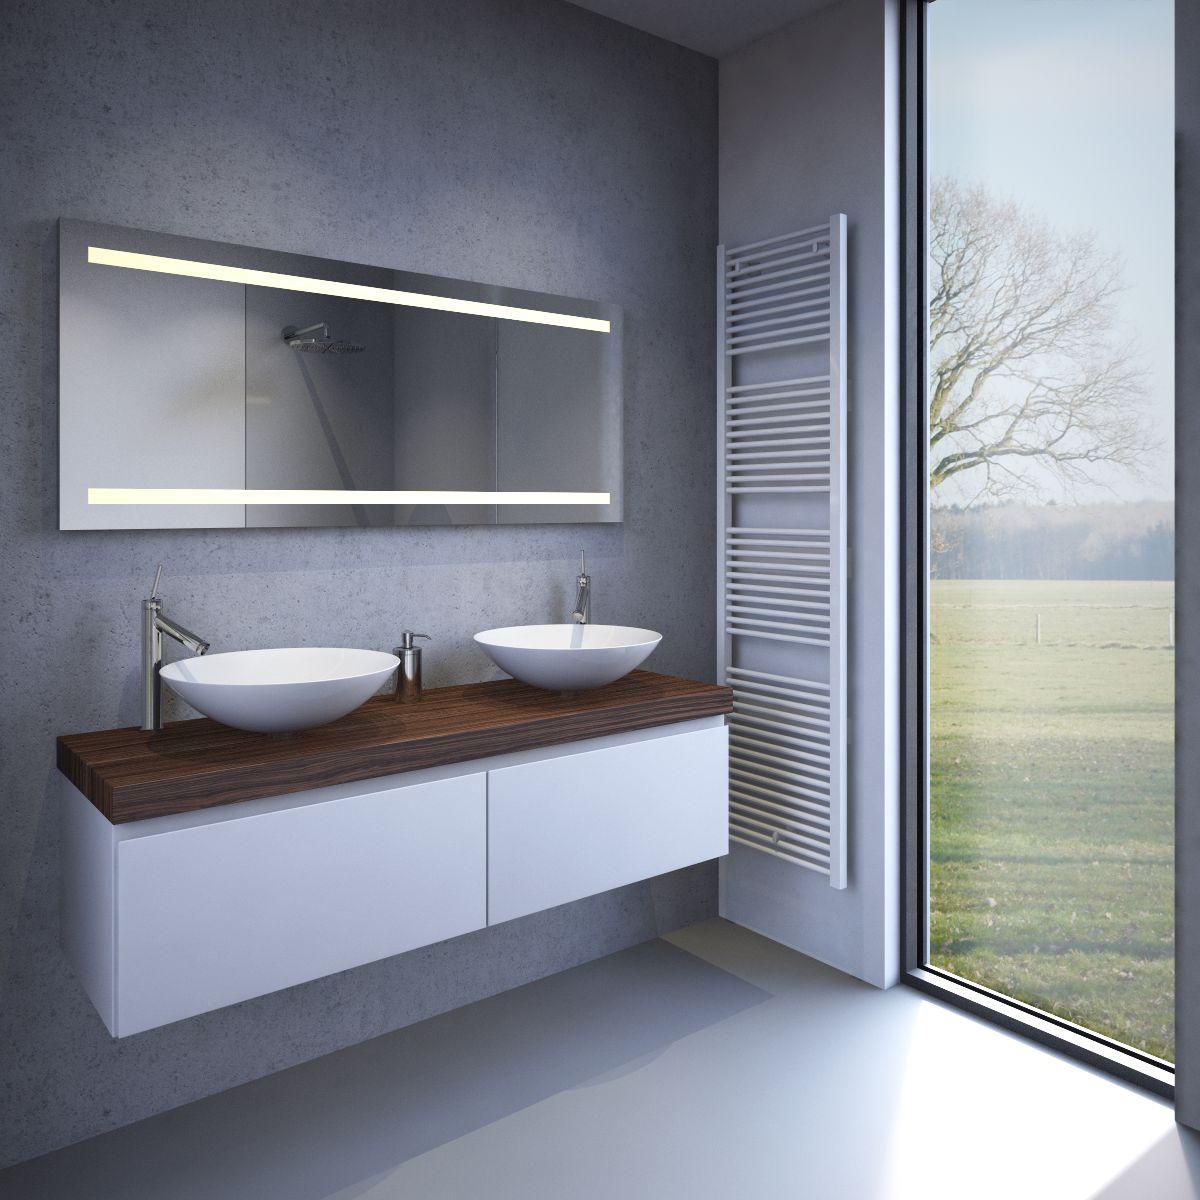 Verwarmde badkamer spiegel met praktische LED verlichting en sensor ...